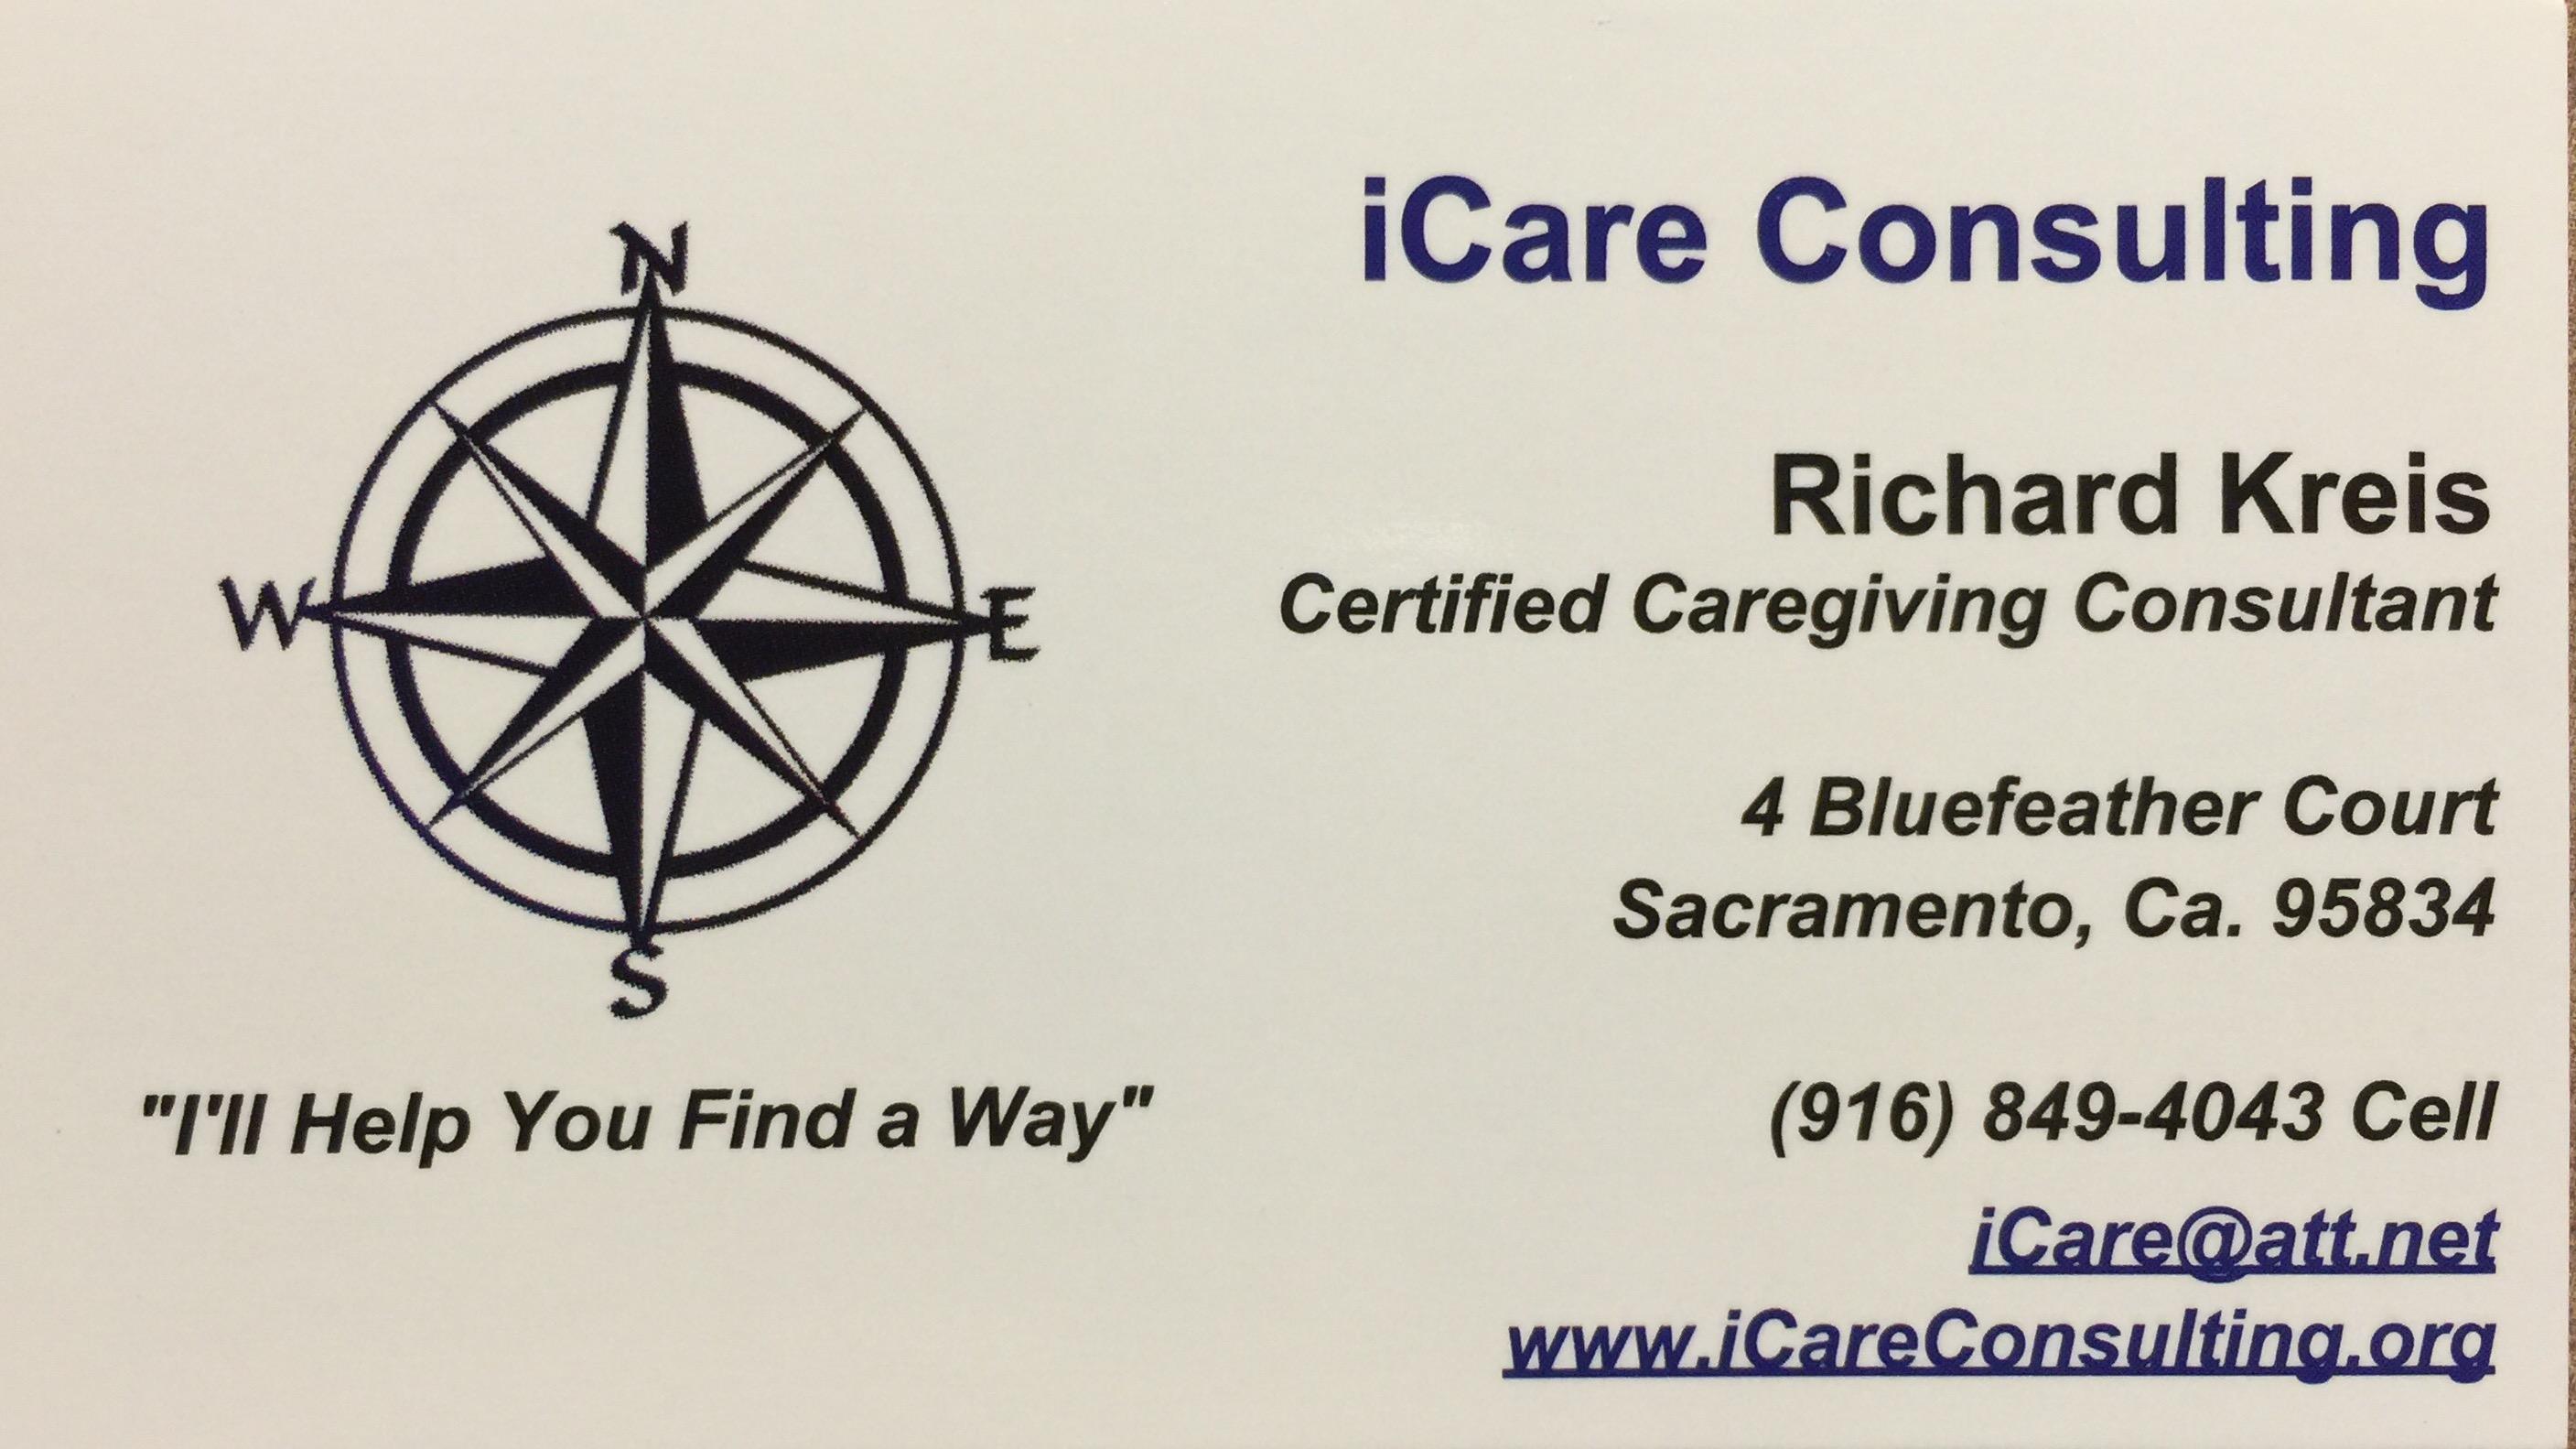 3rd Annual Caregiving.com Virtual Caregiving Conference – iCareTalk.net